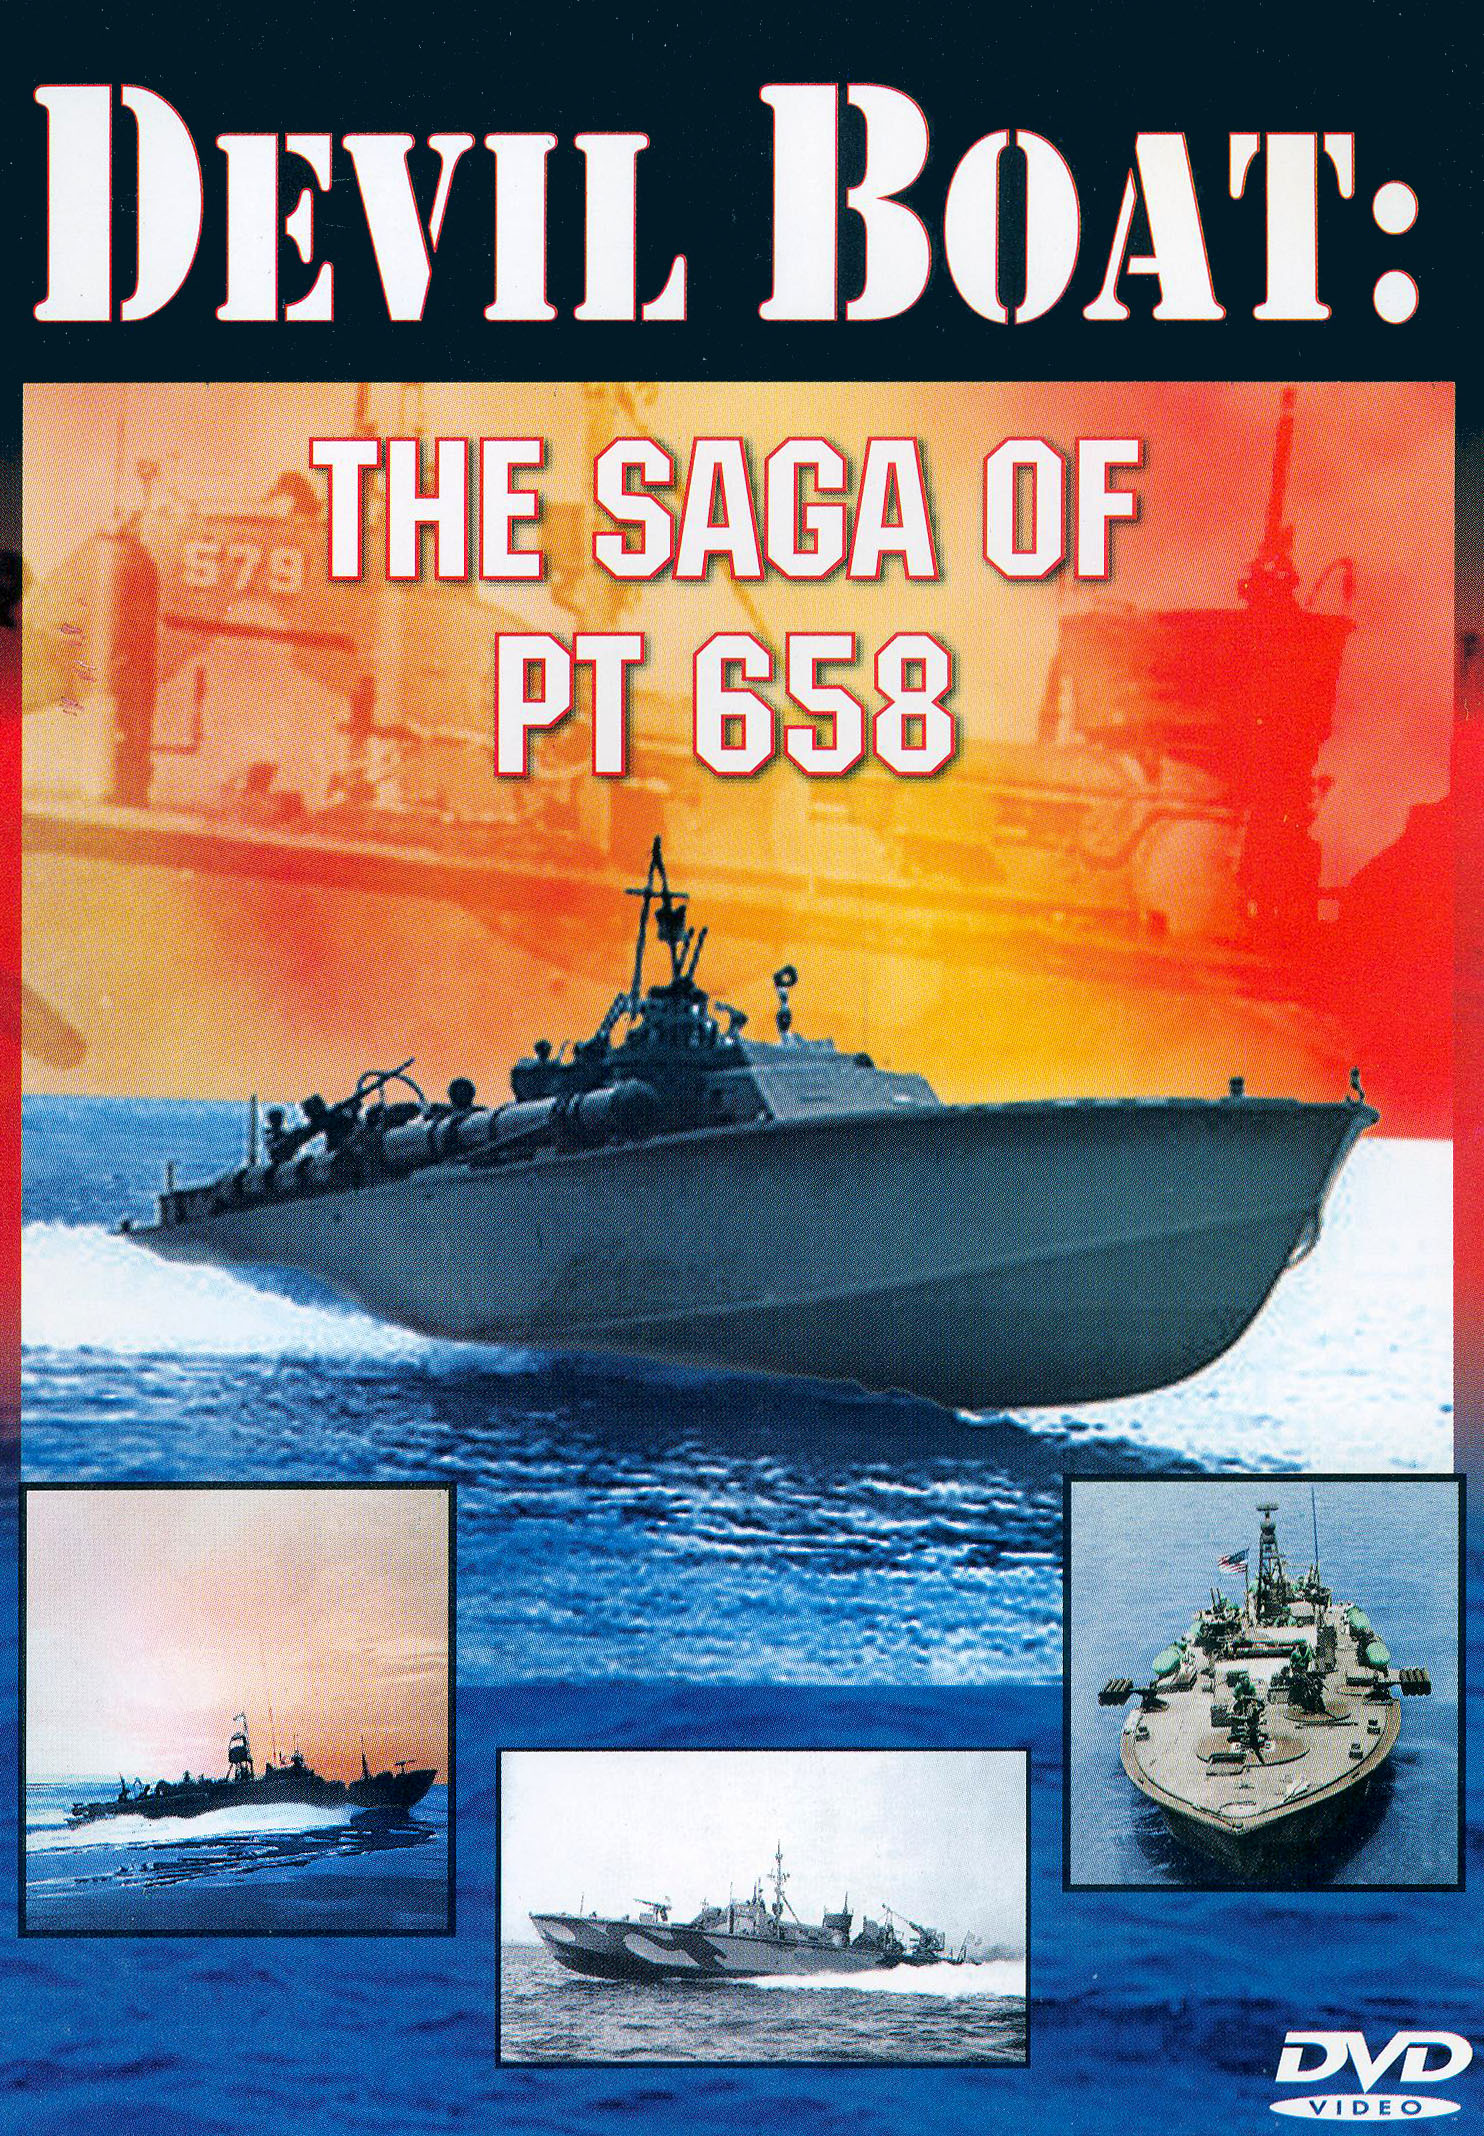 Devil Boat: The Saga of PT 658